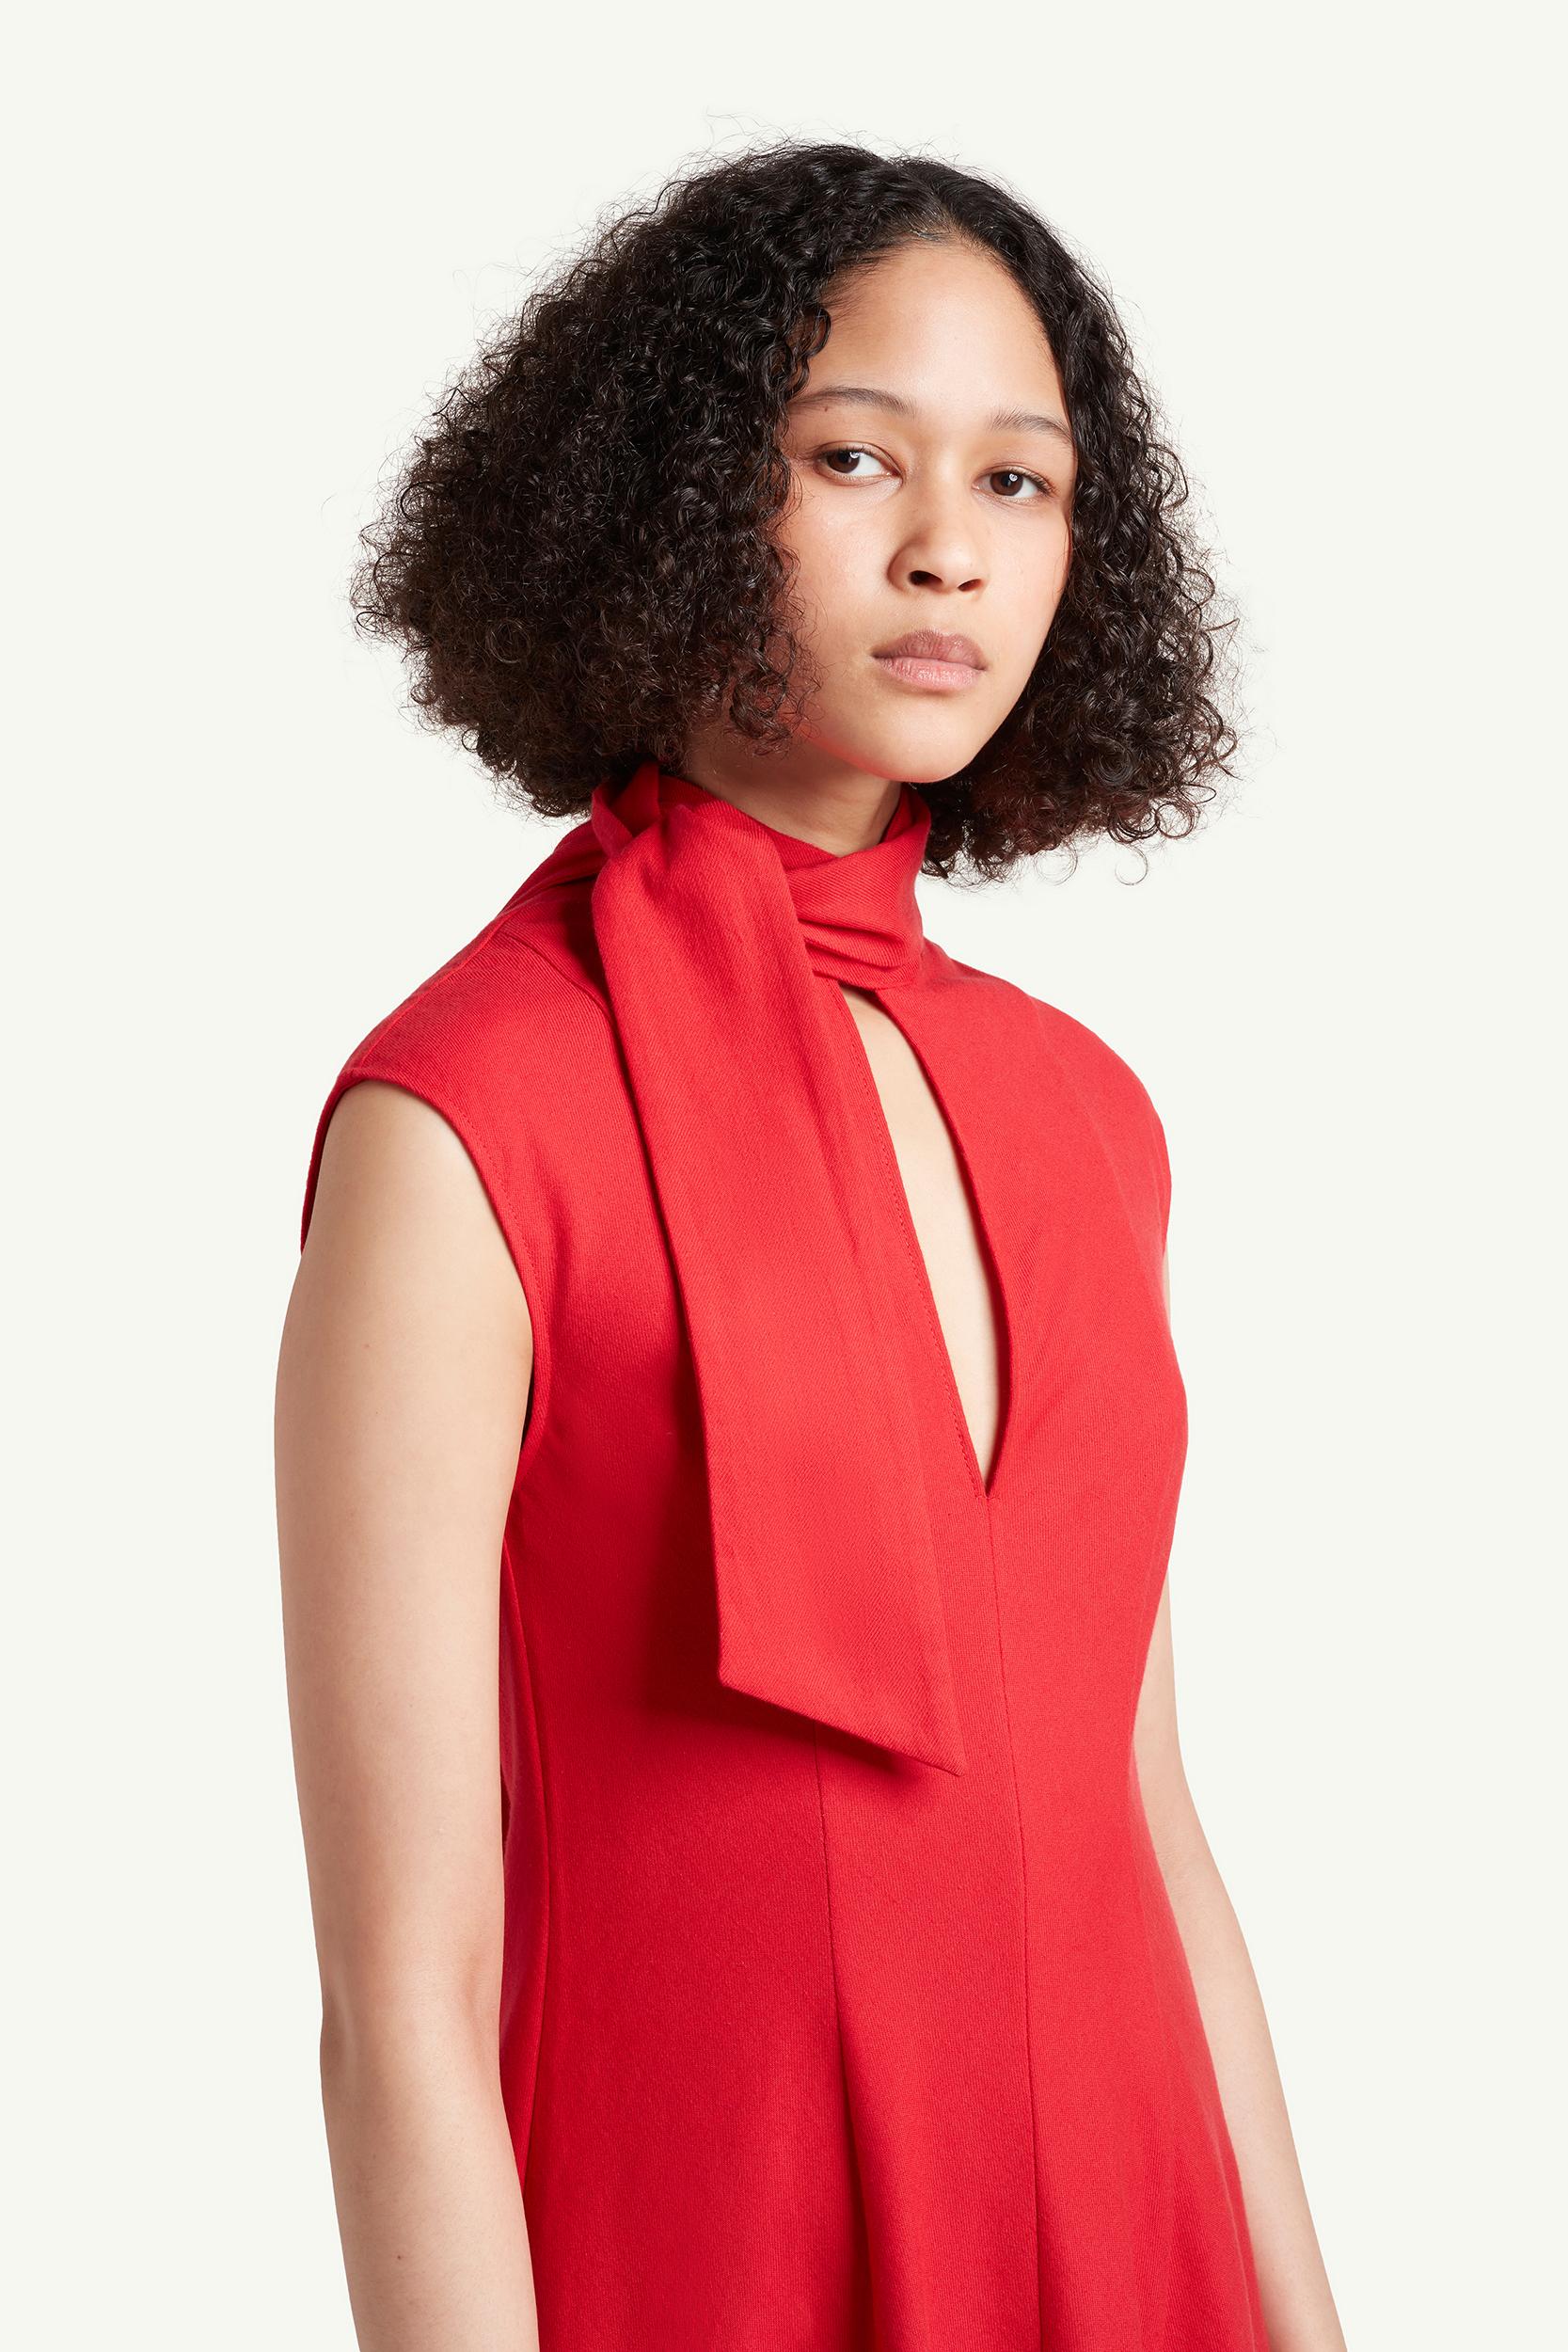 detail shot of Womenswear model wearing red Wales Bonner dress | LRP